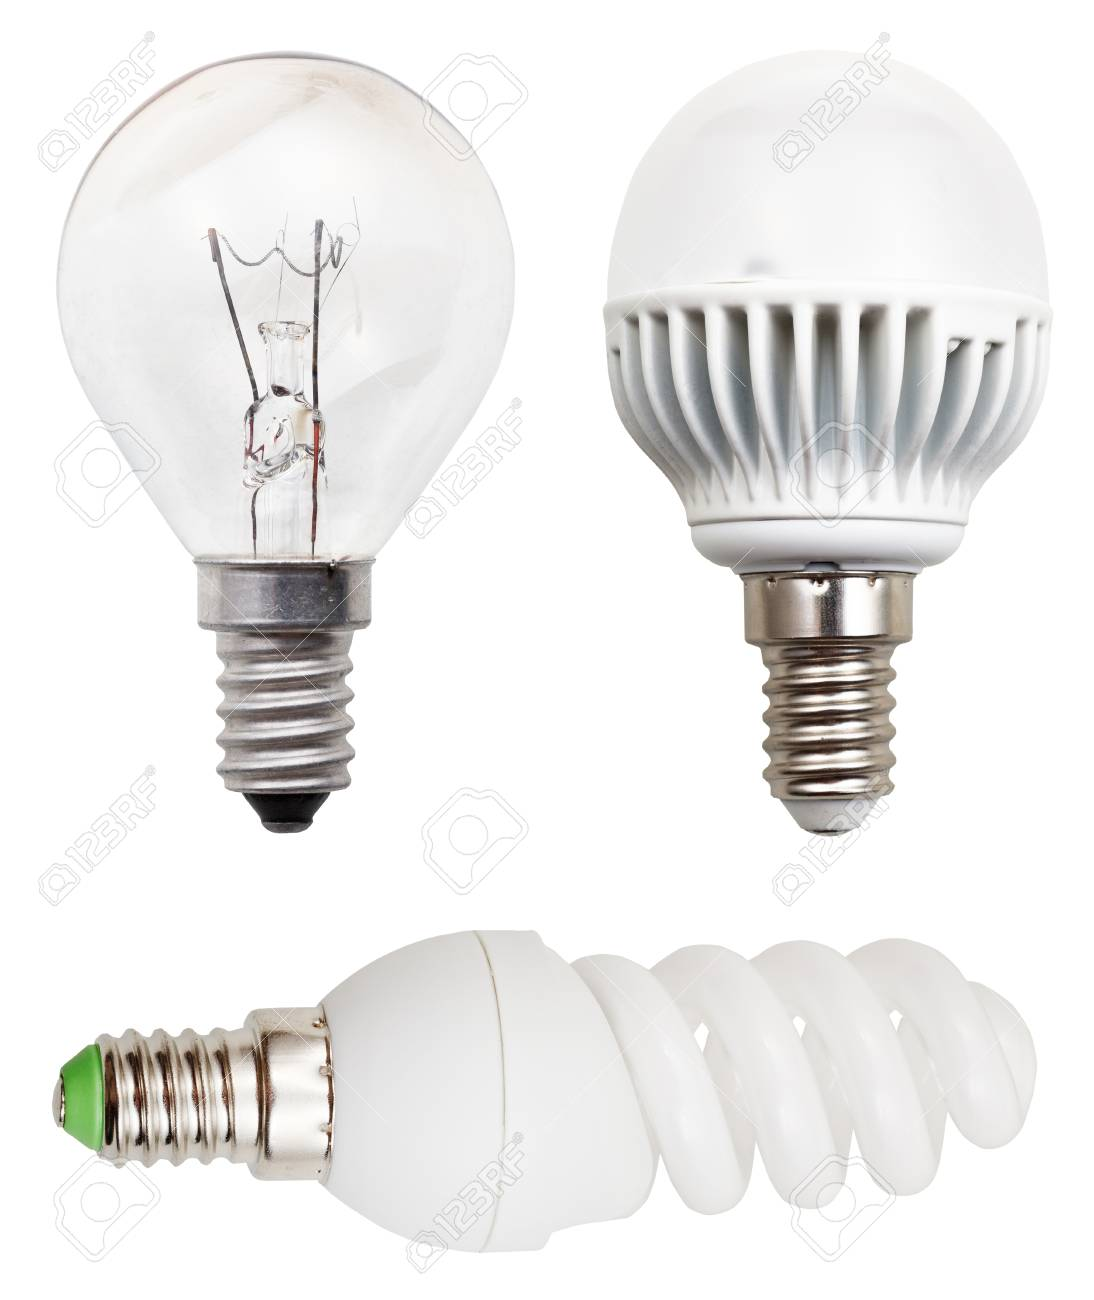 Isolé Fond Led IncandescenceFluorescentes Sur HélicoïdaleAmpoules Blanc On0wk8PX